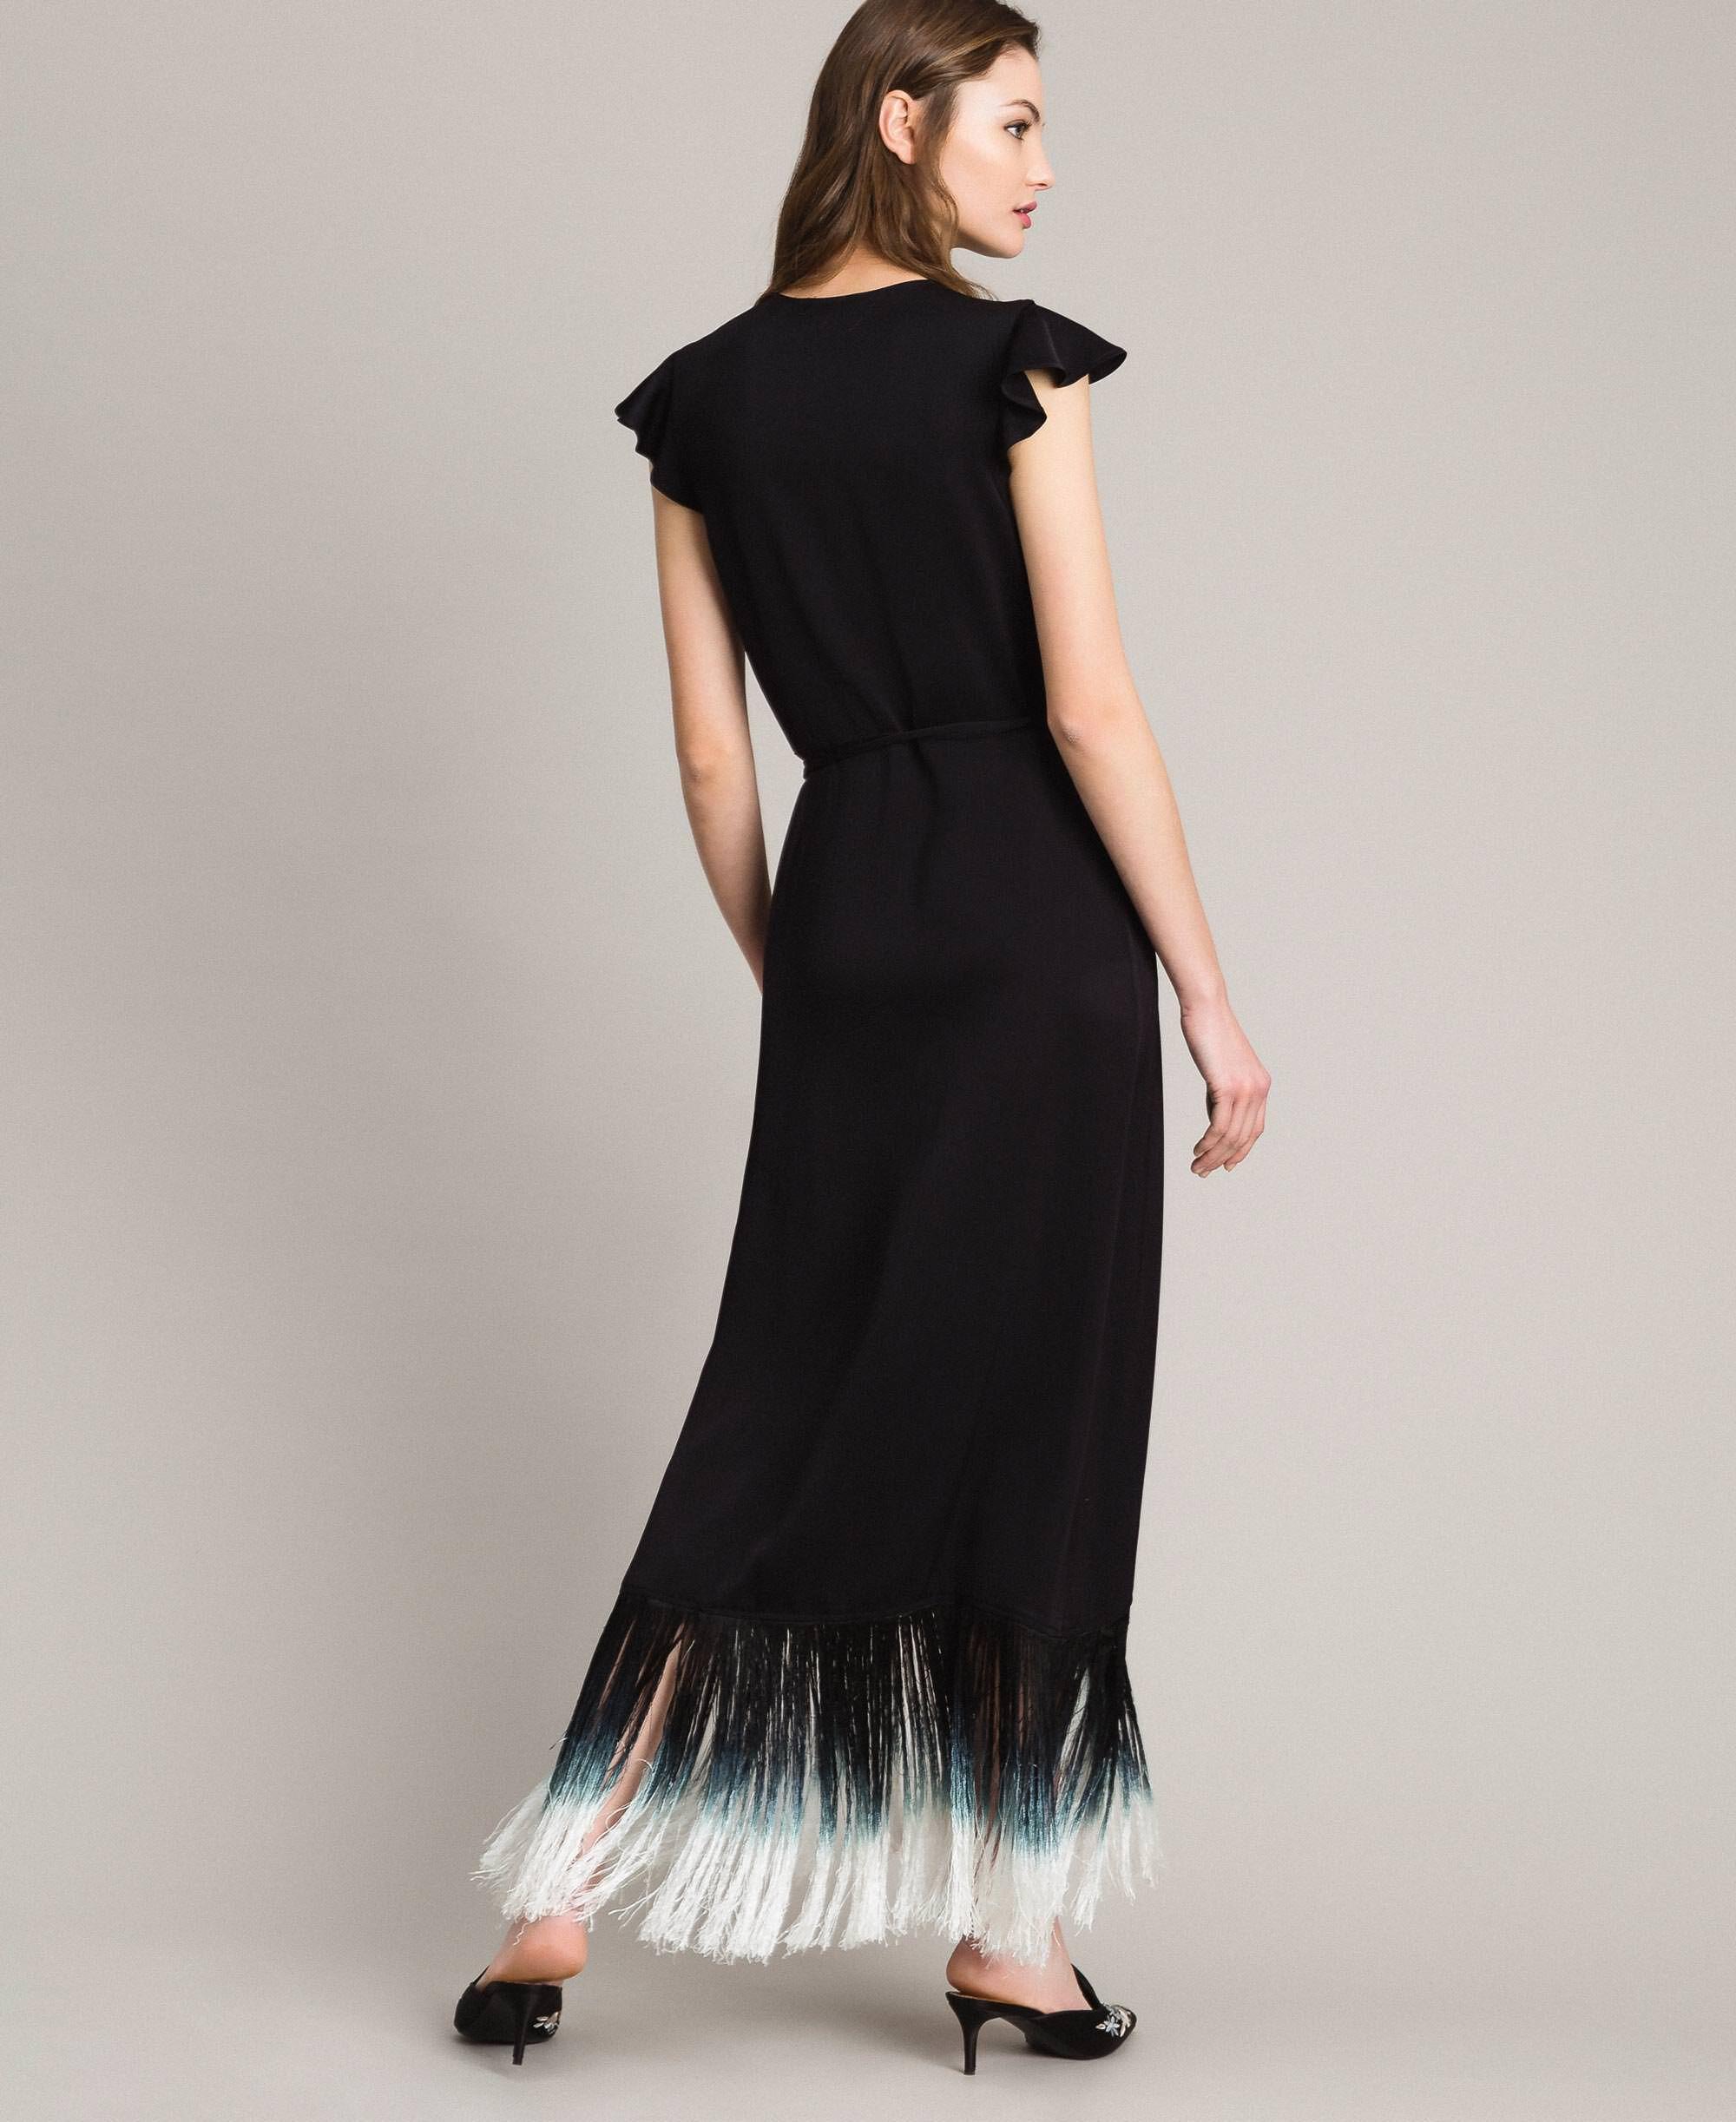 77bd1f563 Vestido largo con bordado floral y flecos Mujer, Negro | TWINSET Milano